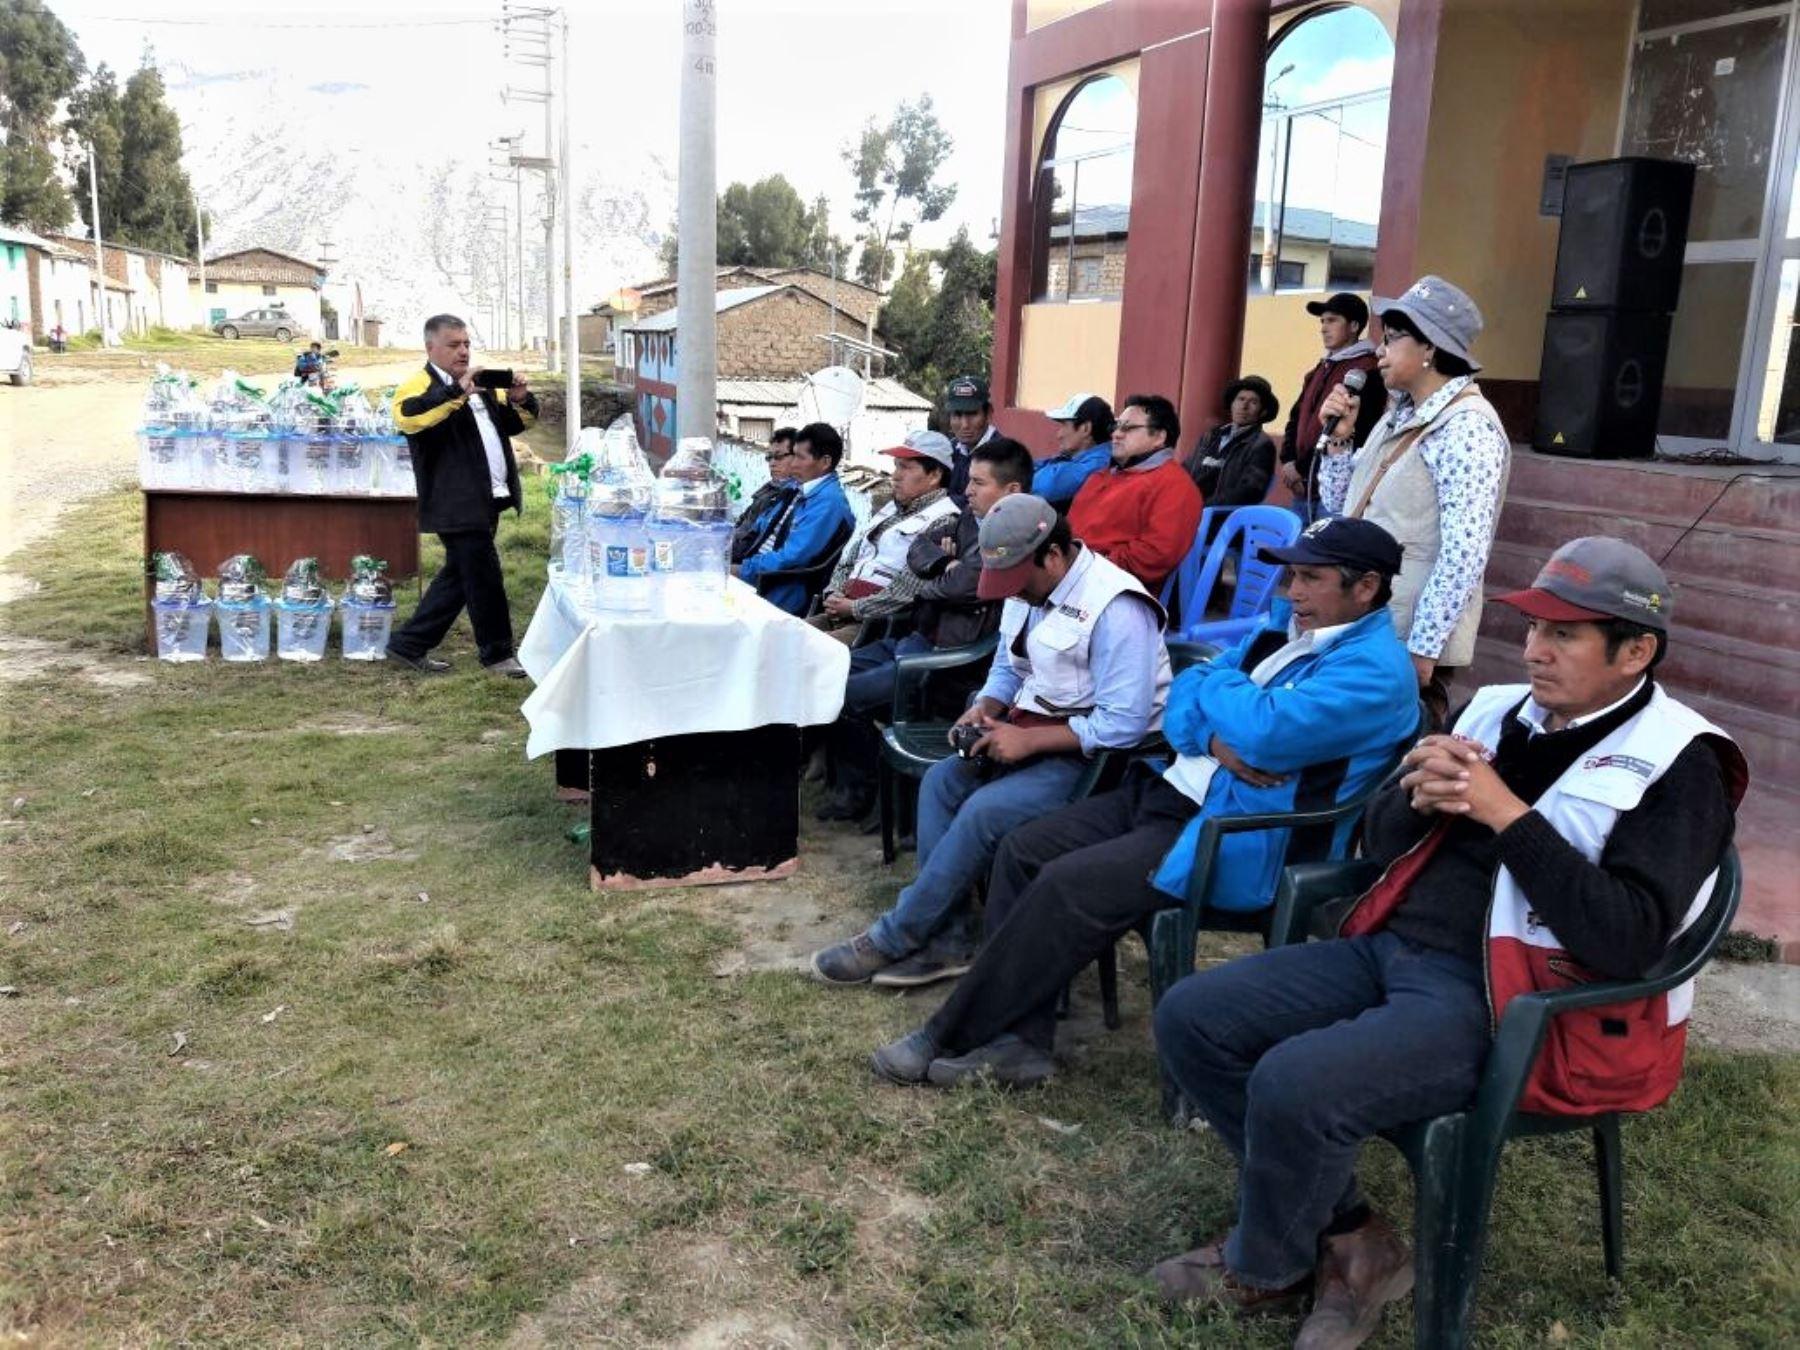 Tendrán 400 cocinas mejoradas a leña, de las cuales 169 ya se encuentran instaladas y entregadas en viviendas de seis centros poblados..